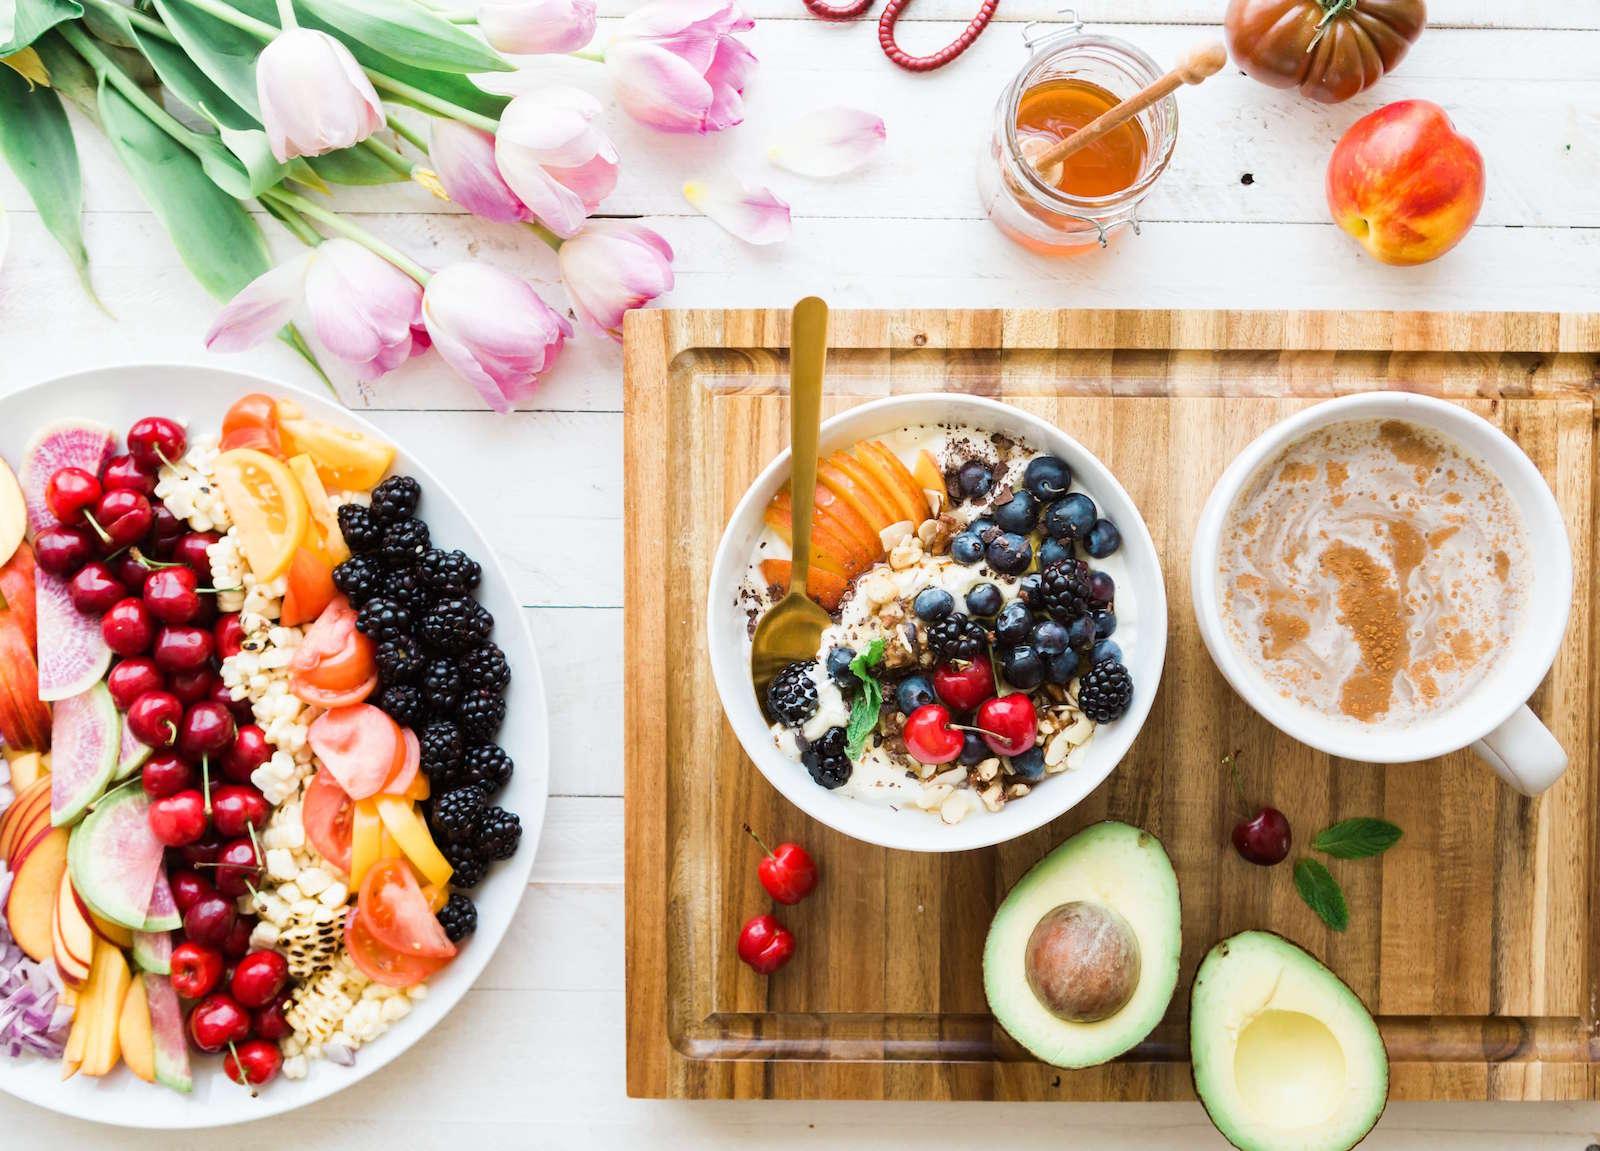 Chi lo ha detto che mangiare in modo salutare rende tristi? Una buona dieta, con la D maiuscola, è la base della felicità.